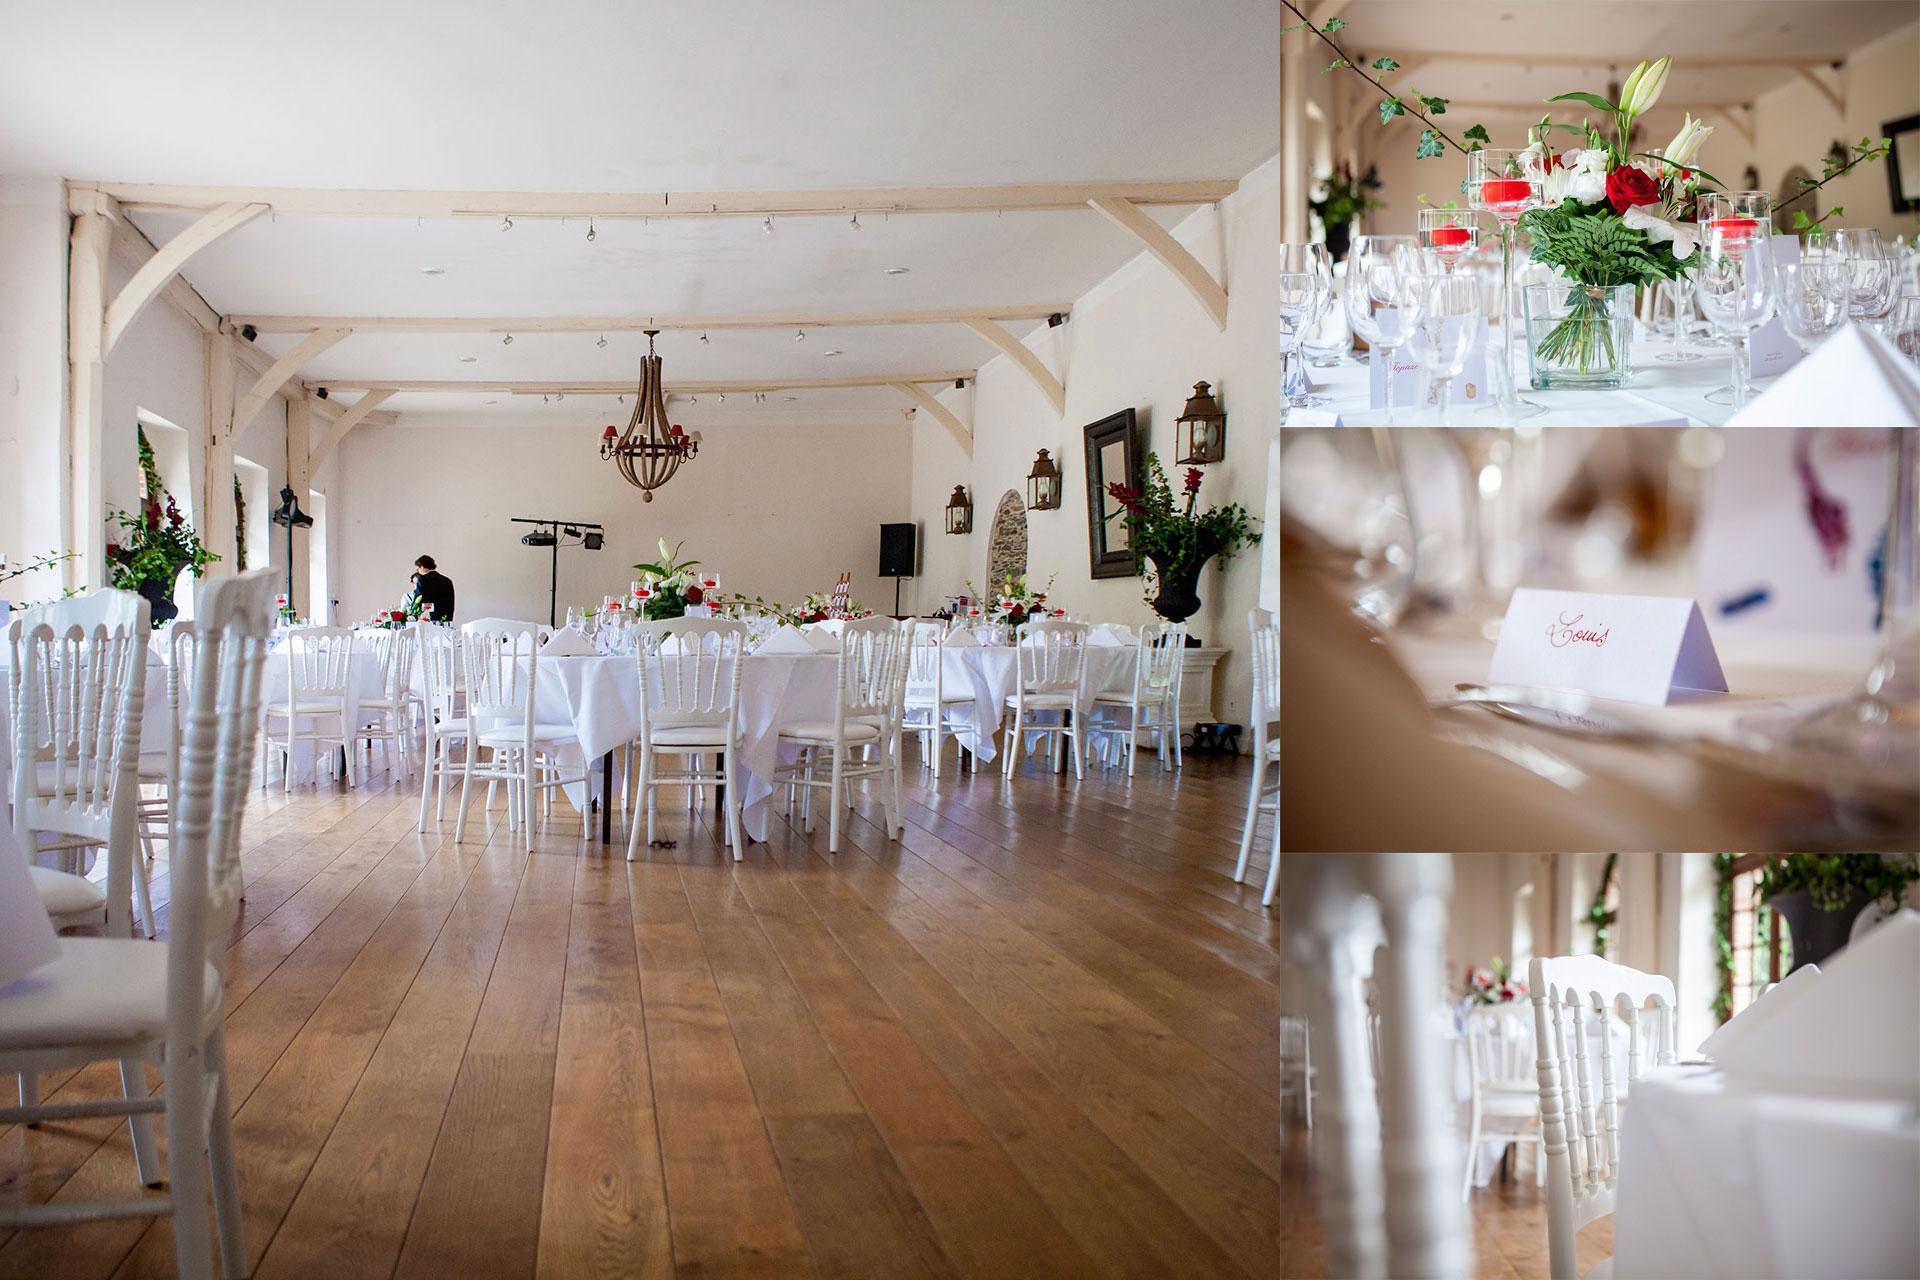 particuliers-evenements-mariages-oui-agnes&louis-75